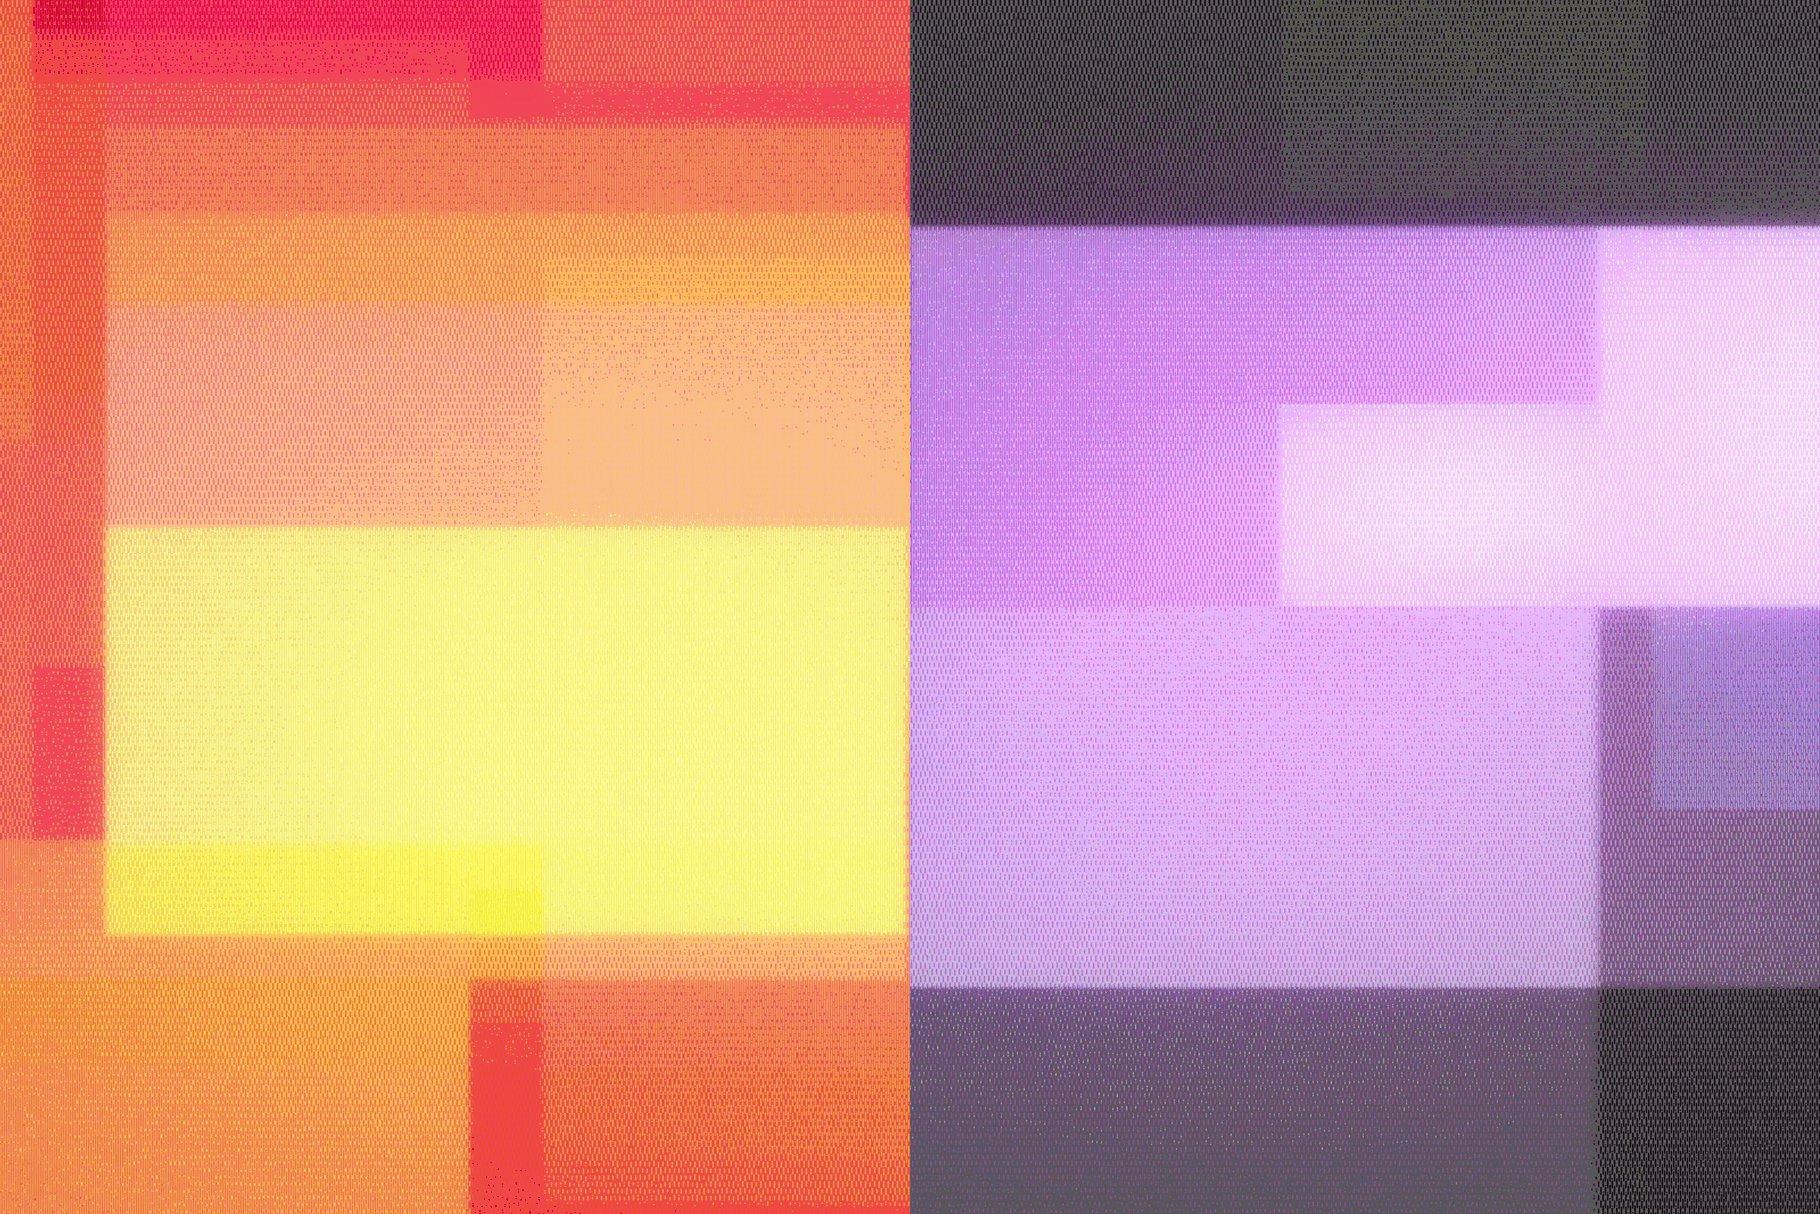 [单独购买] 潮流故障颗粒网格渐变VHS样式纹理背景图片视频设计素材套装 Studio 2am – Sensory – Retro Animated Textures插图2